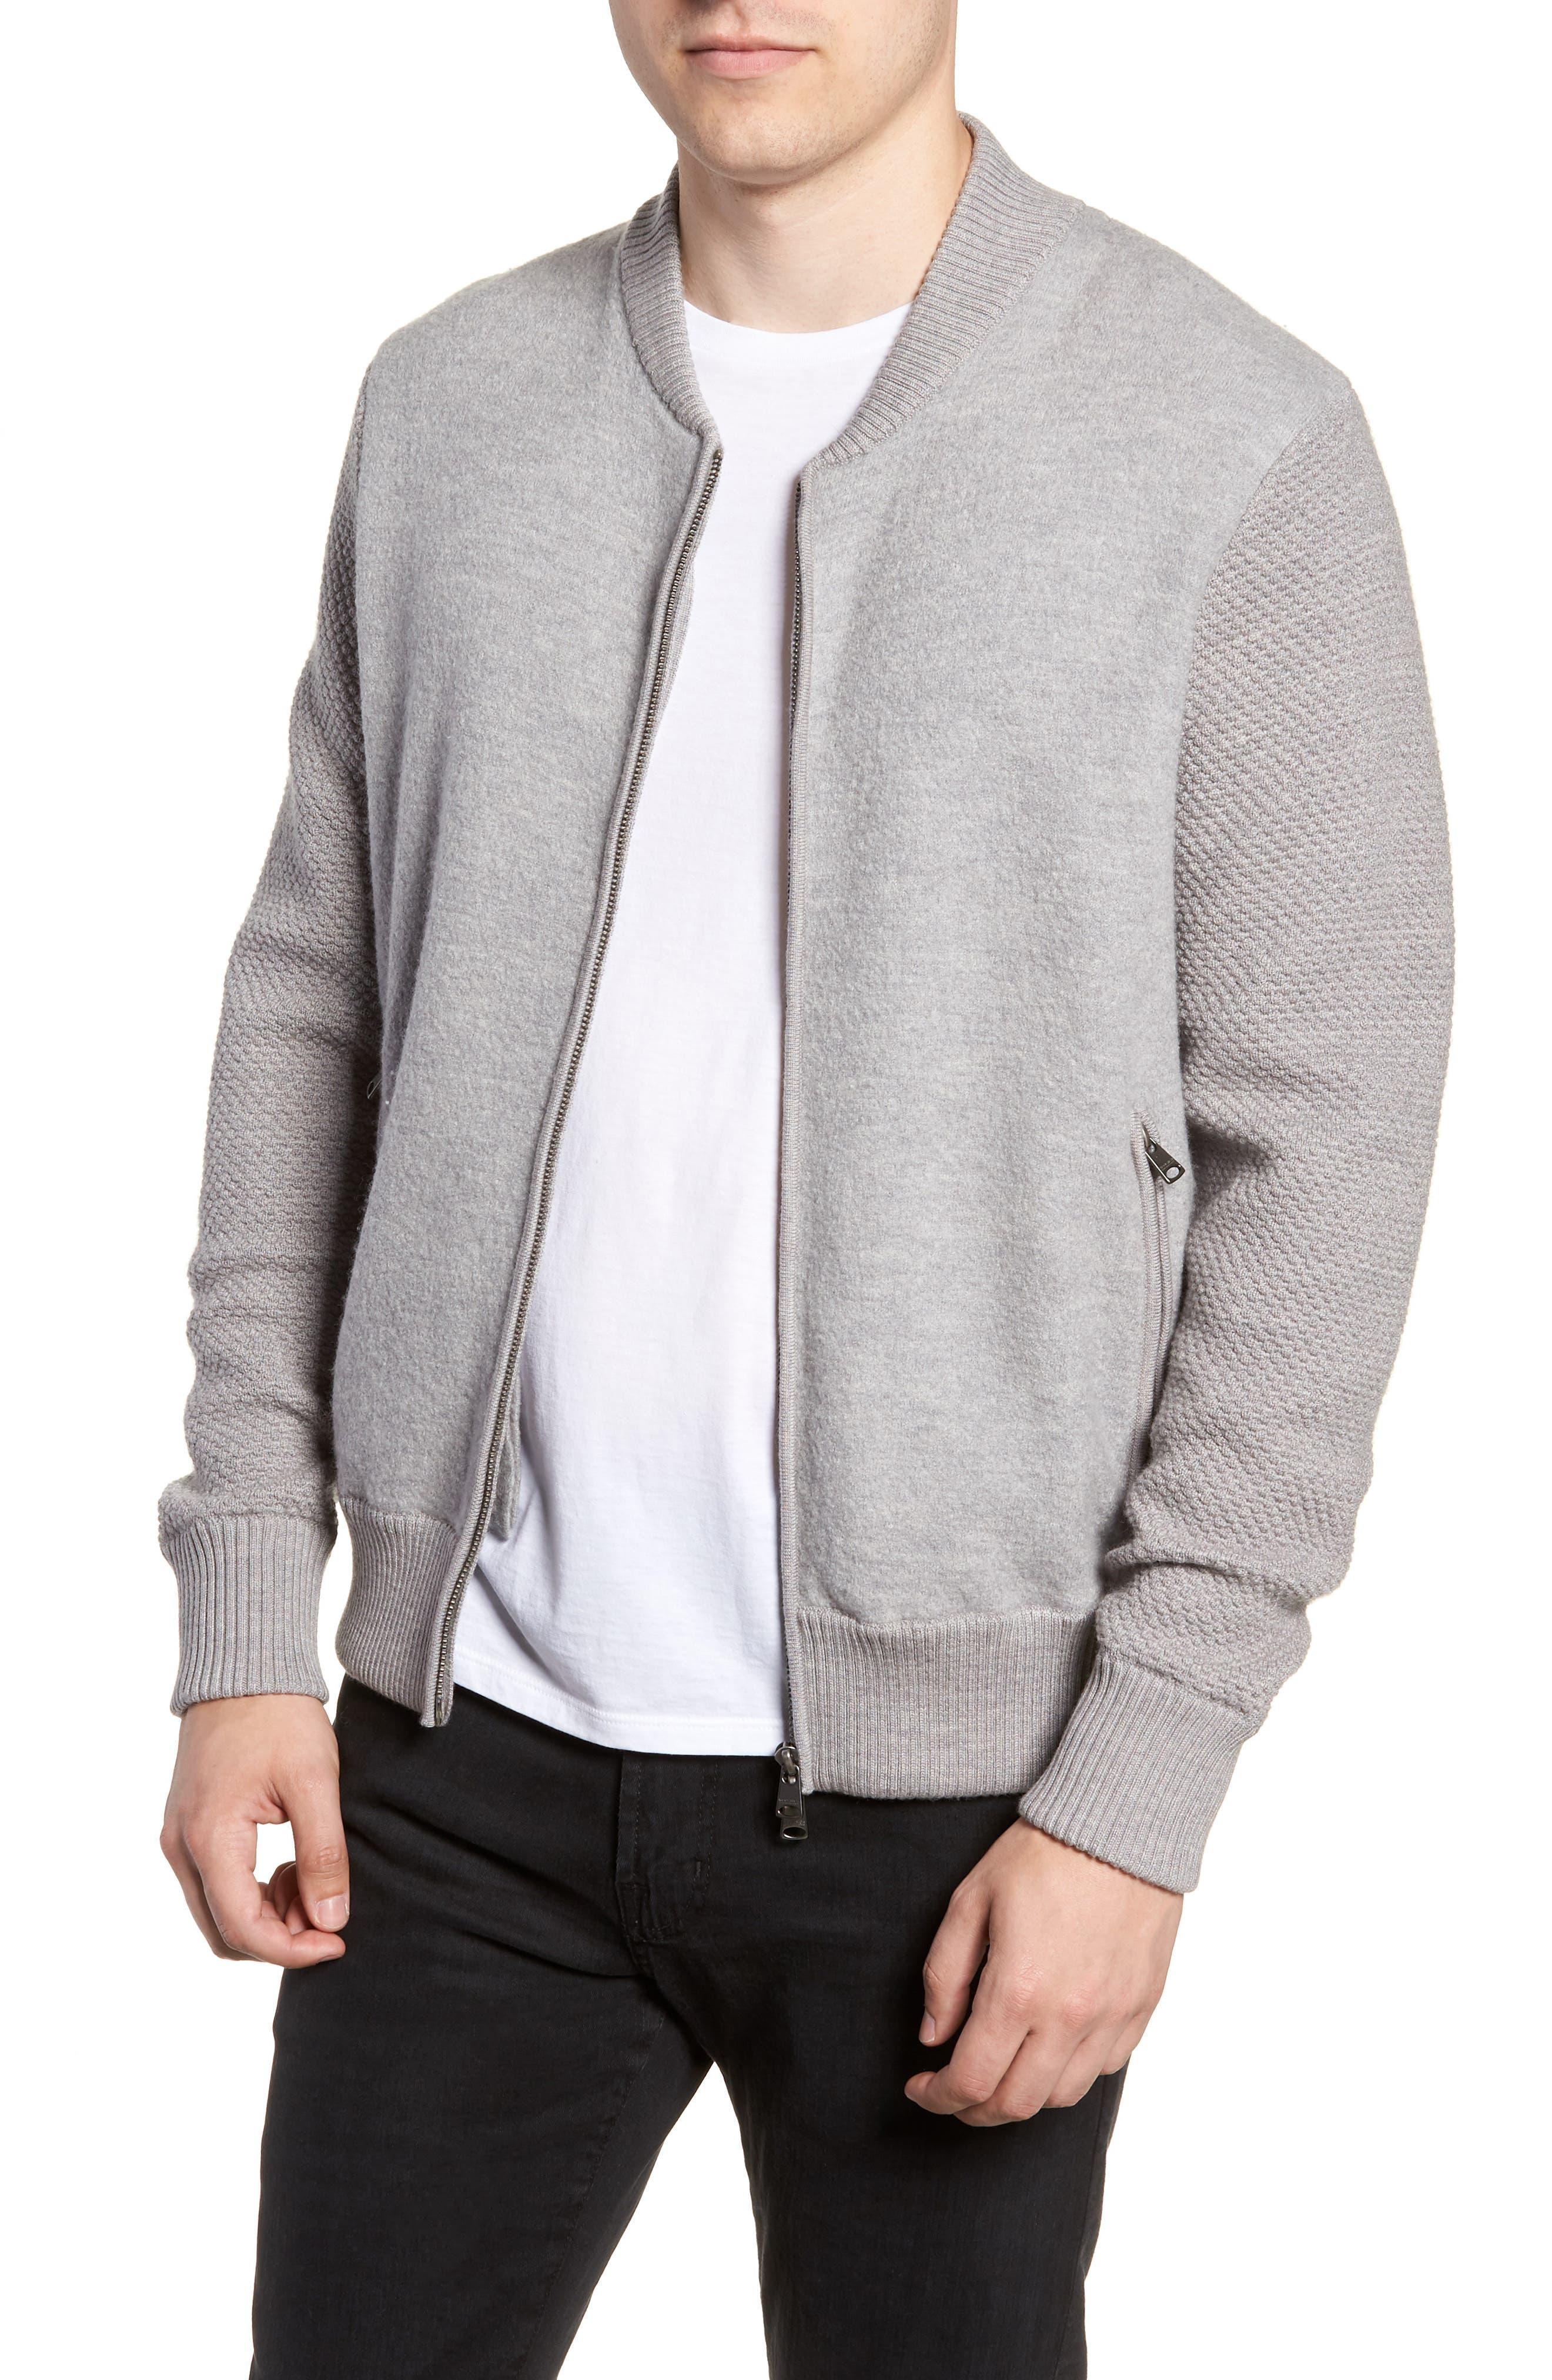 Felted Wool Bomber Jacket,                         Main,                         color, LIGHT GREY MELANGE